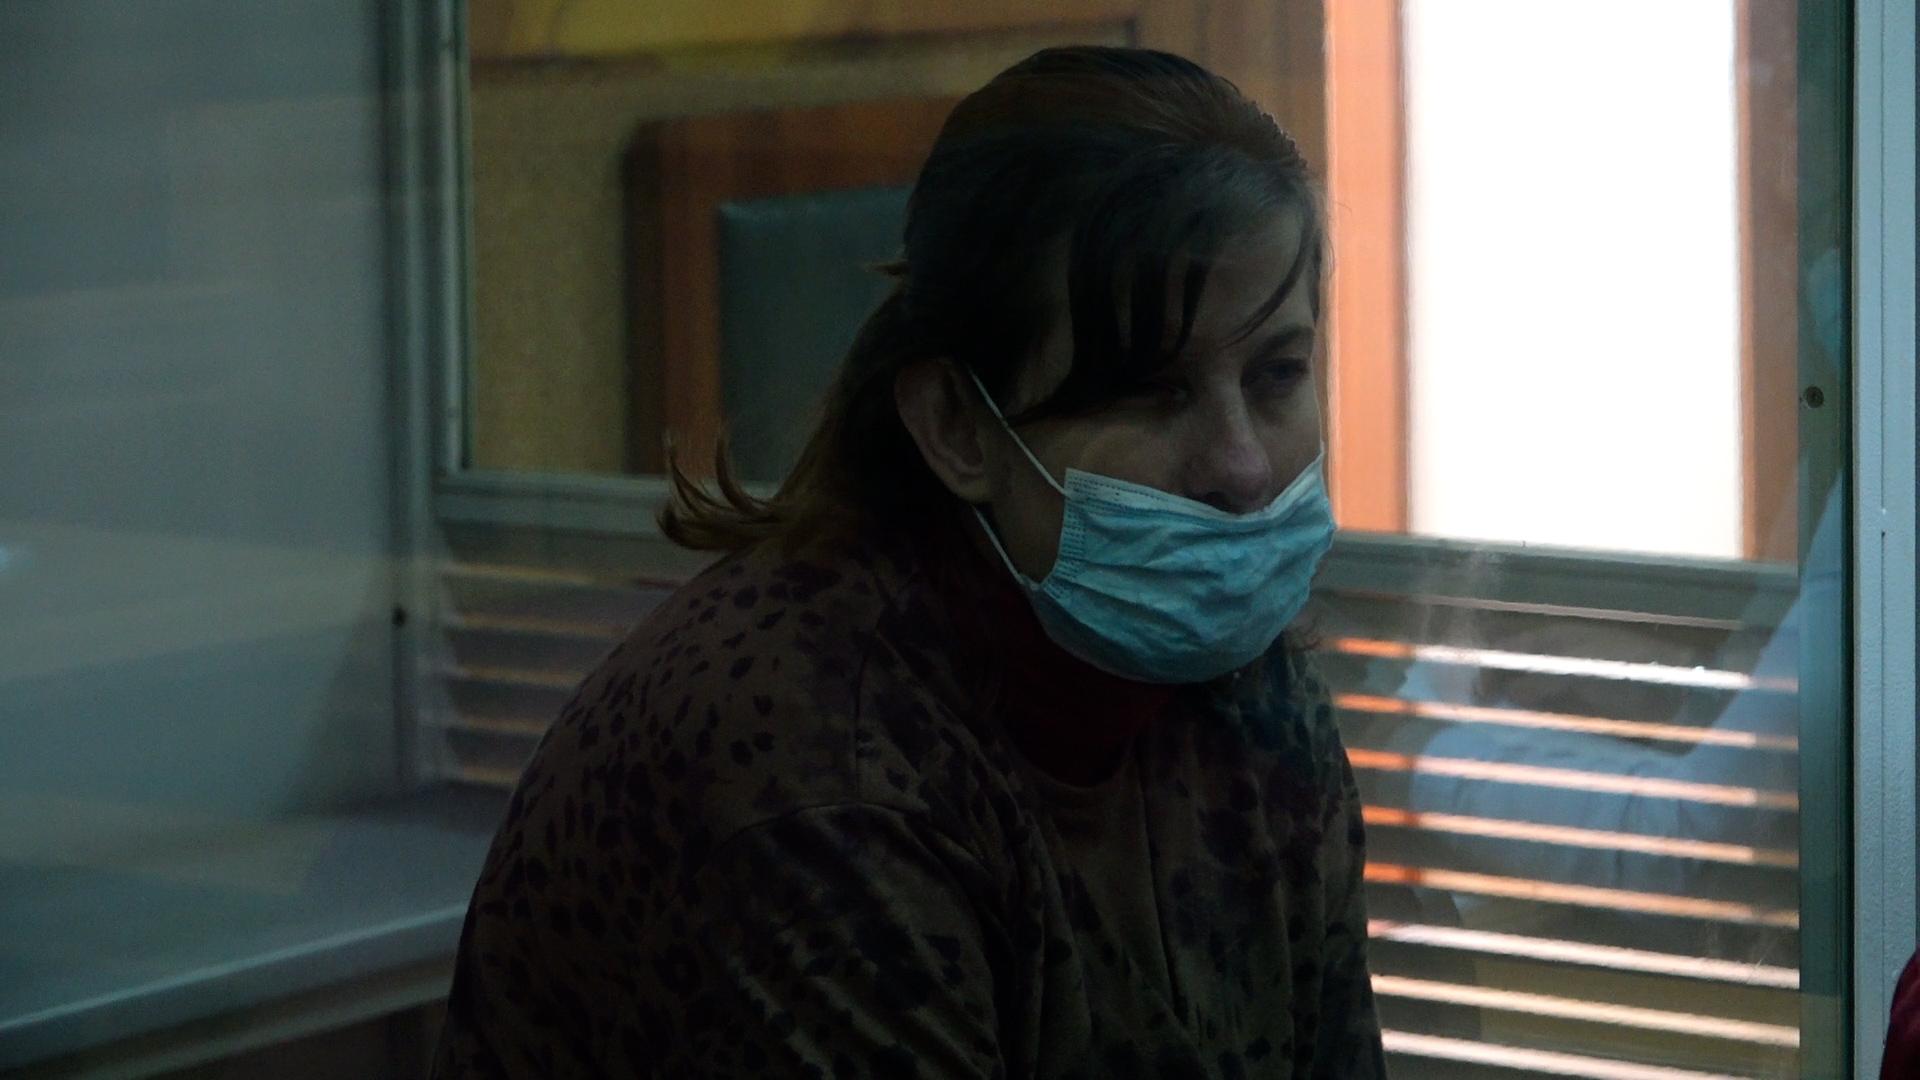 Матір, яка душила власних дітей, залишили в СІЗО до листопада